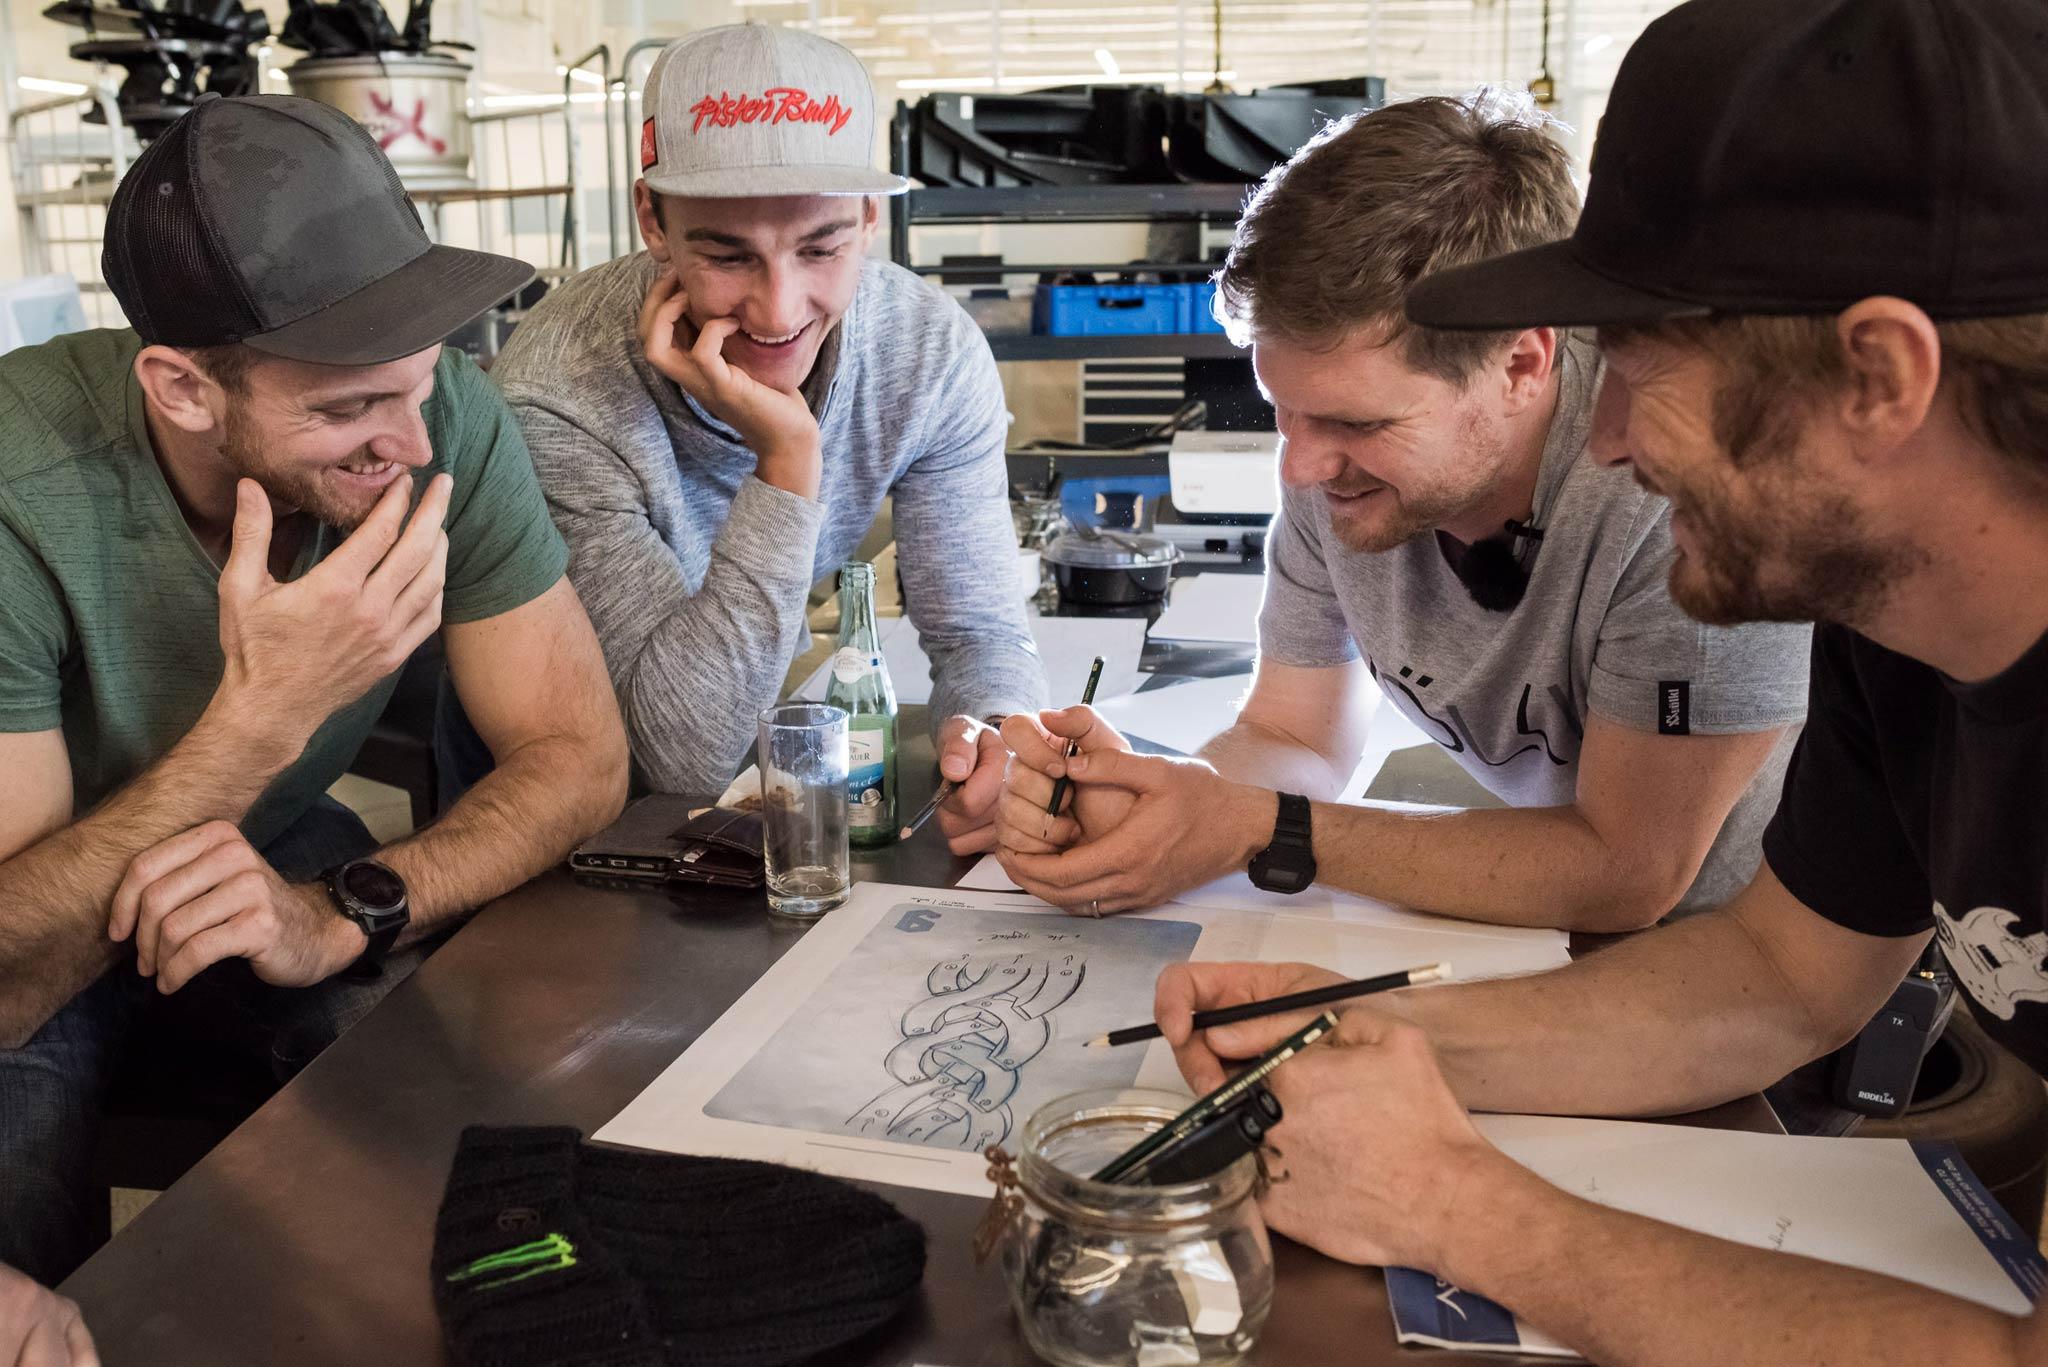 Beim Workshop arbeitet das gesamte Team an innovativen Ideen für das nächste Event - Foto: Klaus Polzer